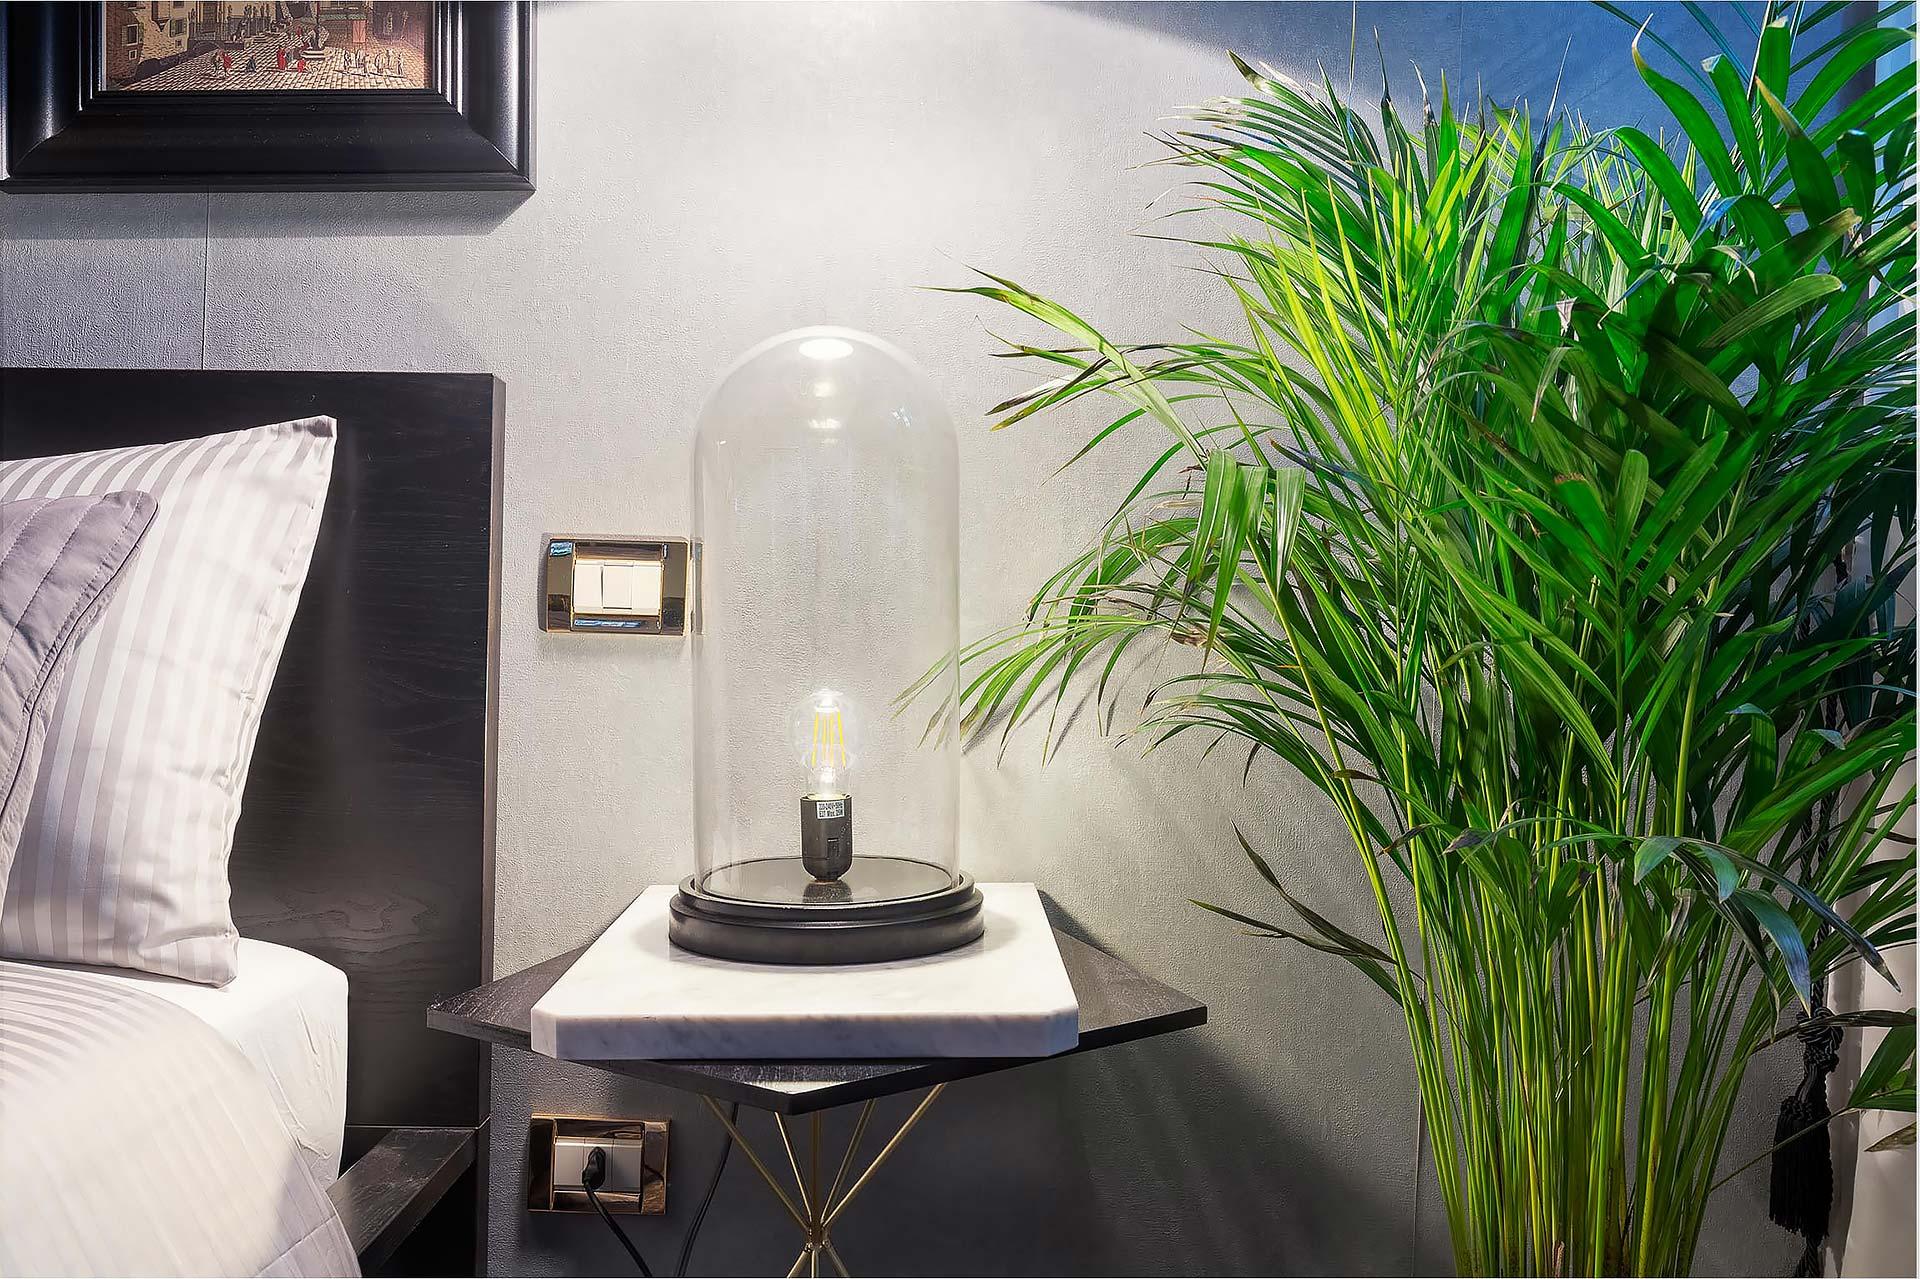 fotografo-airbnb-booking-case-Treviso-Venezia-partticolare-comodino